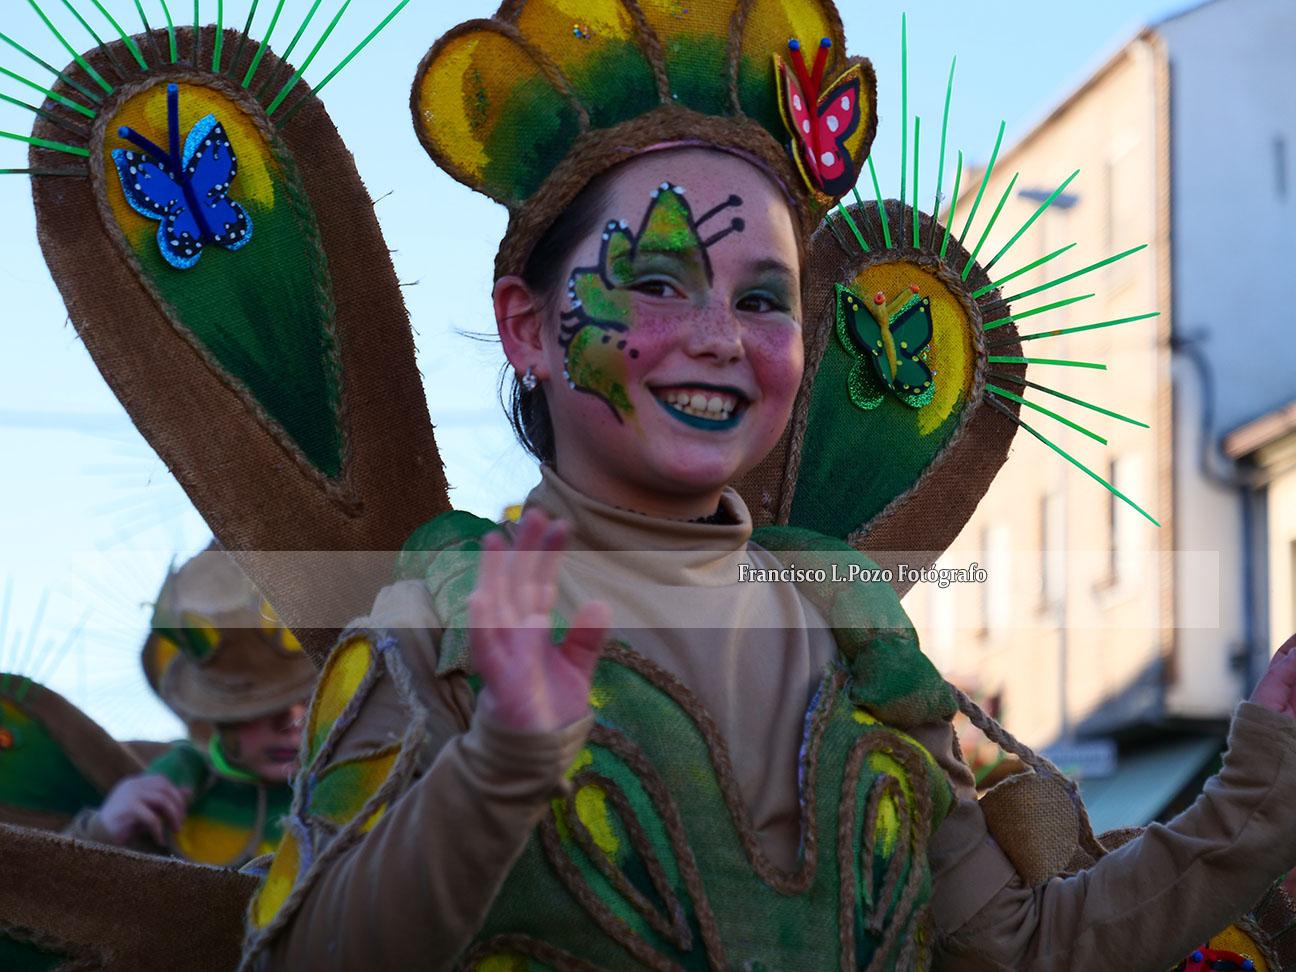 Carnaval 2020: Camponaraya sale a la calle a ritmo de comparsa 81